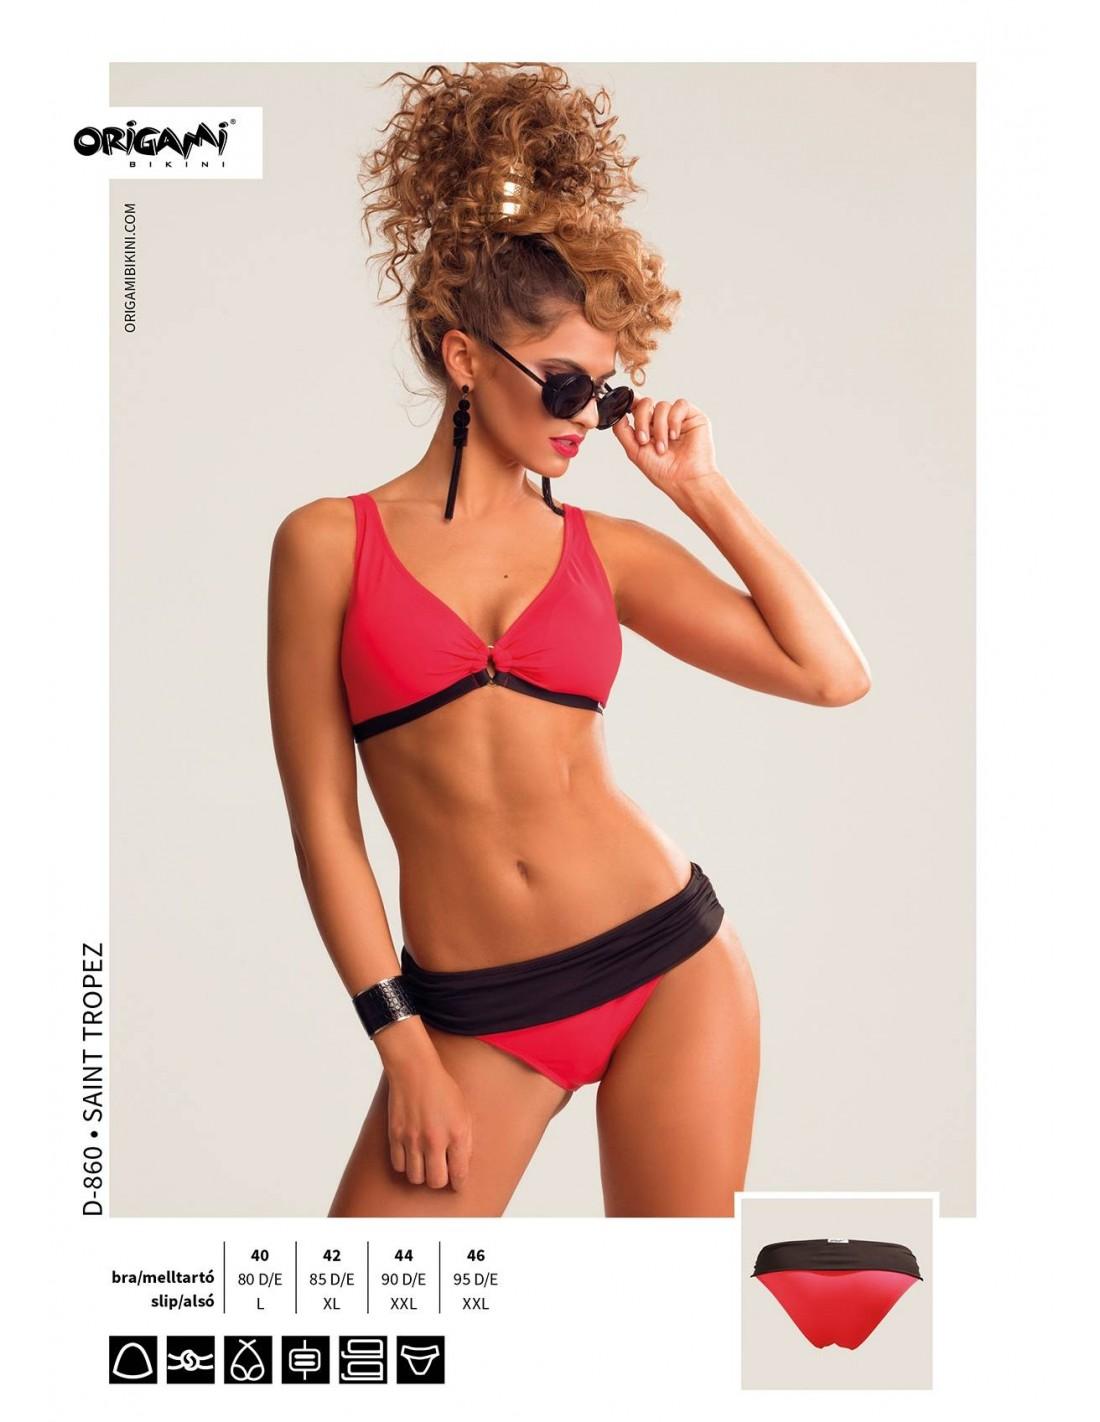 Origami Bikini Saint Tropez D-860 e48735bcb8